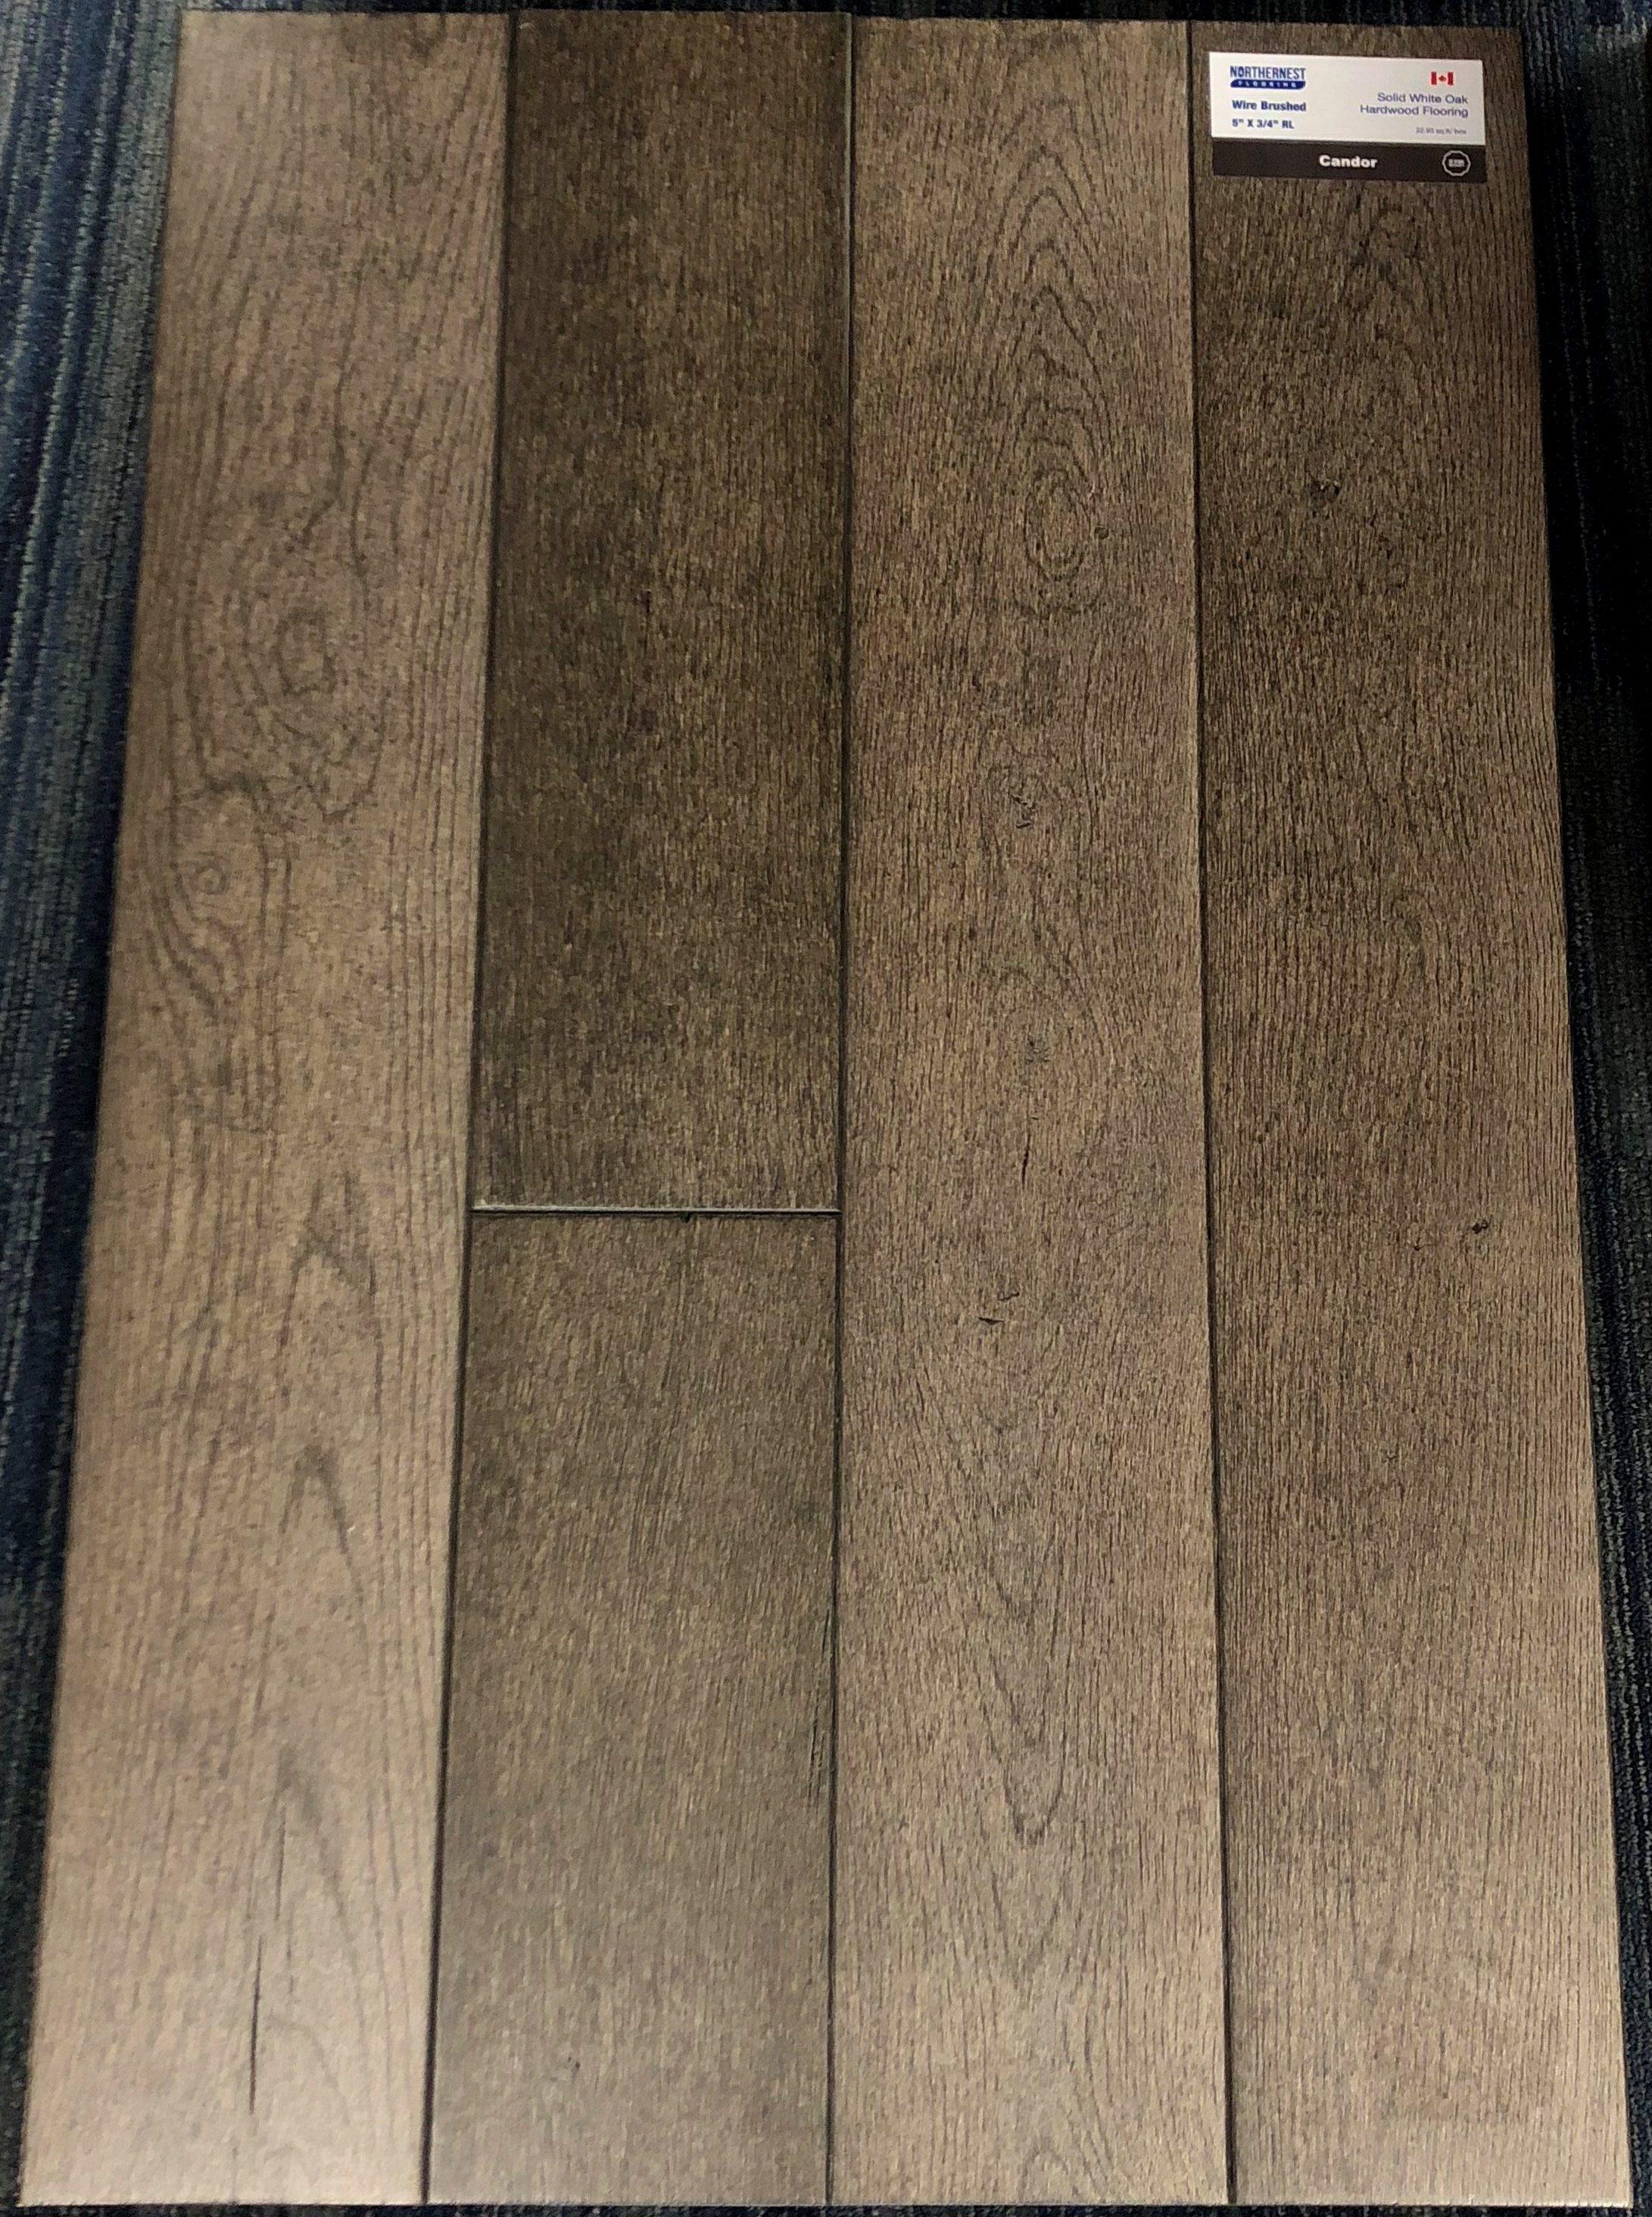 Condor Northernest White Oak Wirebrushed Hardwood Flooring Image